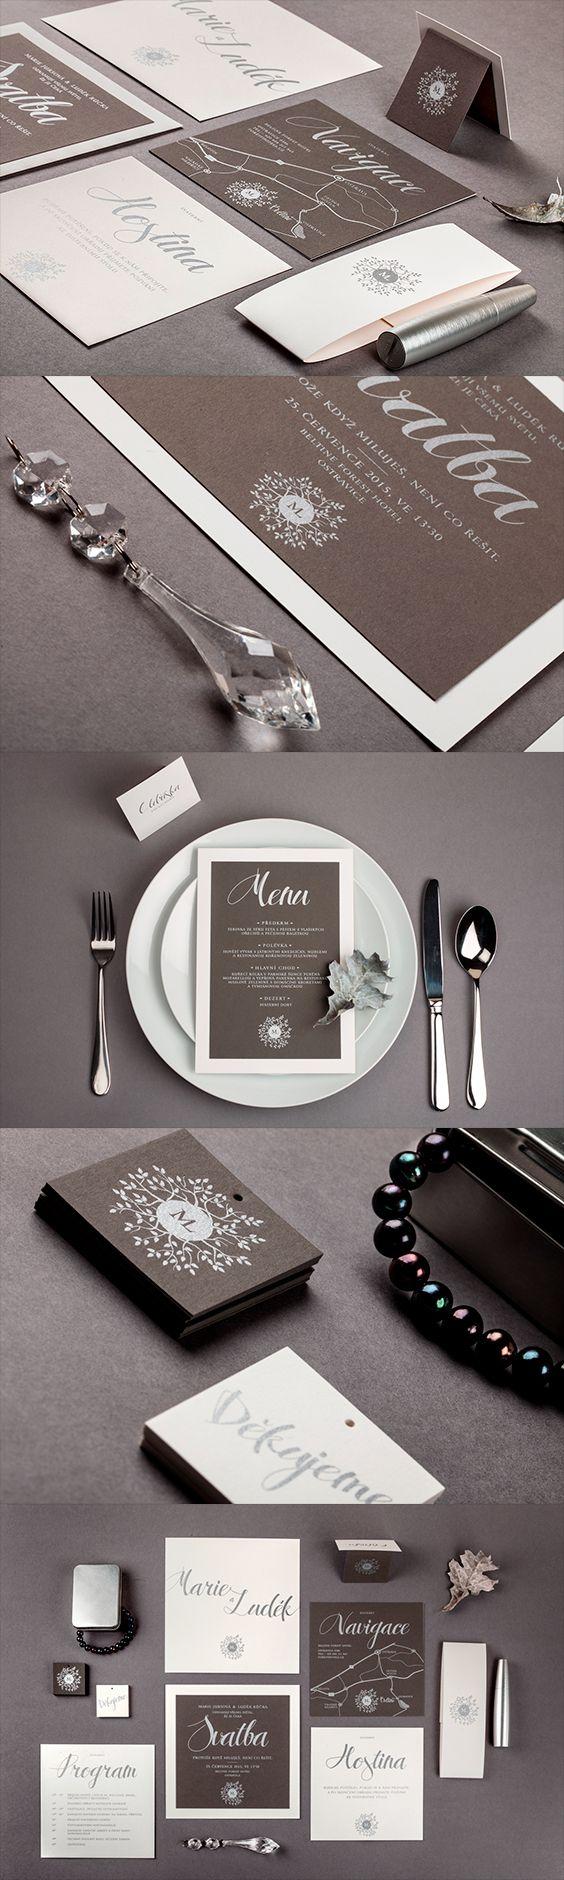 Elegant wedding invitation in warm gray and silver / Elegantní svatební oznámení, jmenovky, navigace a menu v šedé a stříbrné